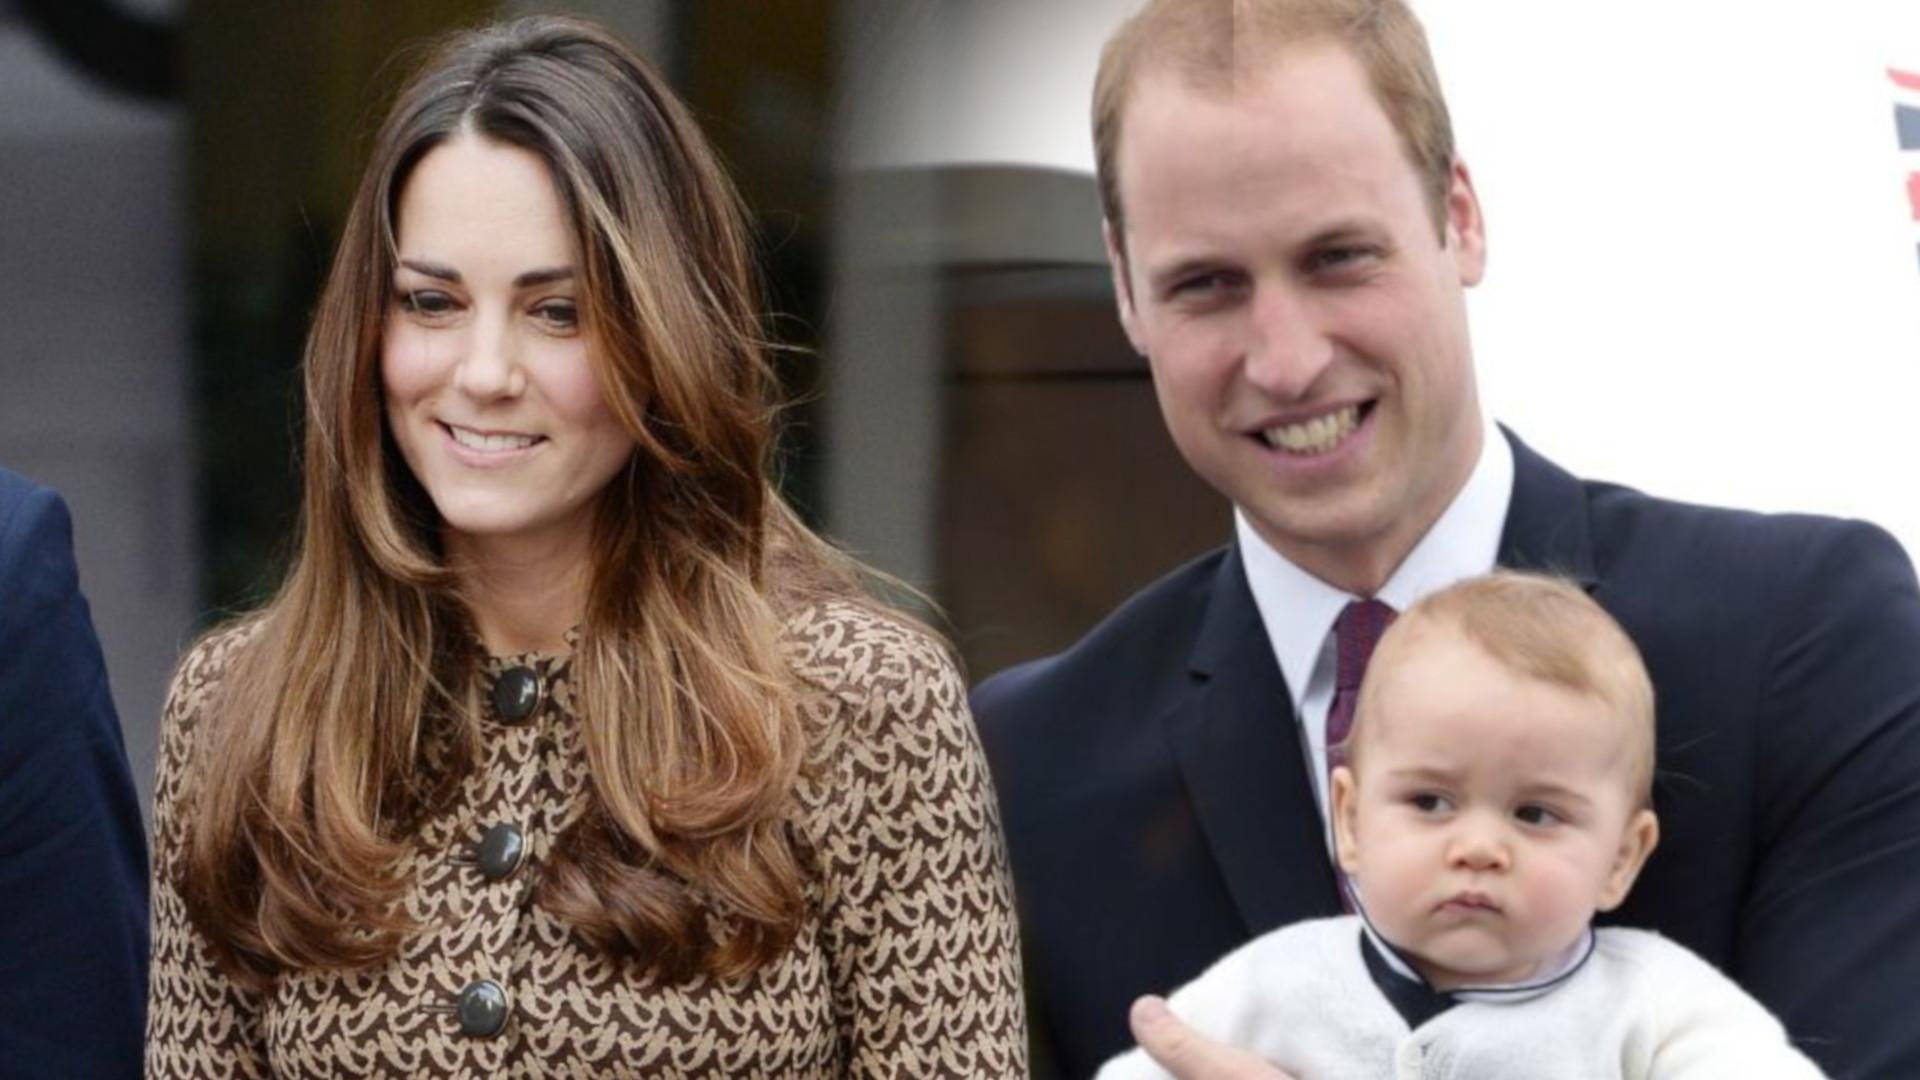 Książę William zdradzał Kate Middleton? Szokujące informacje wyszły na jaw